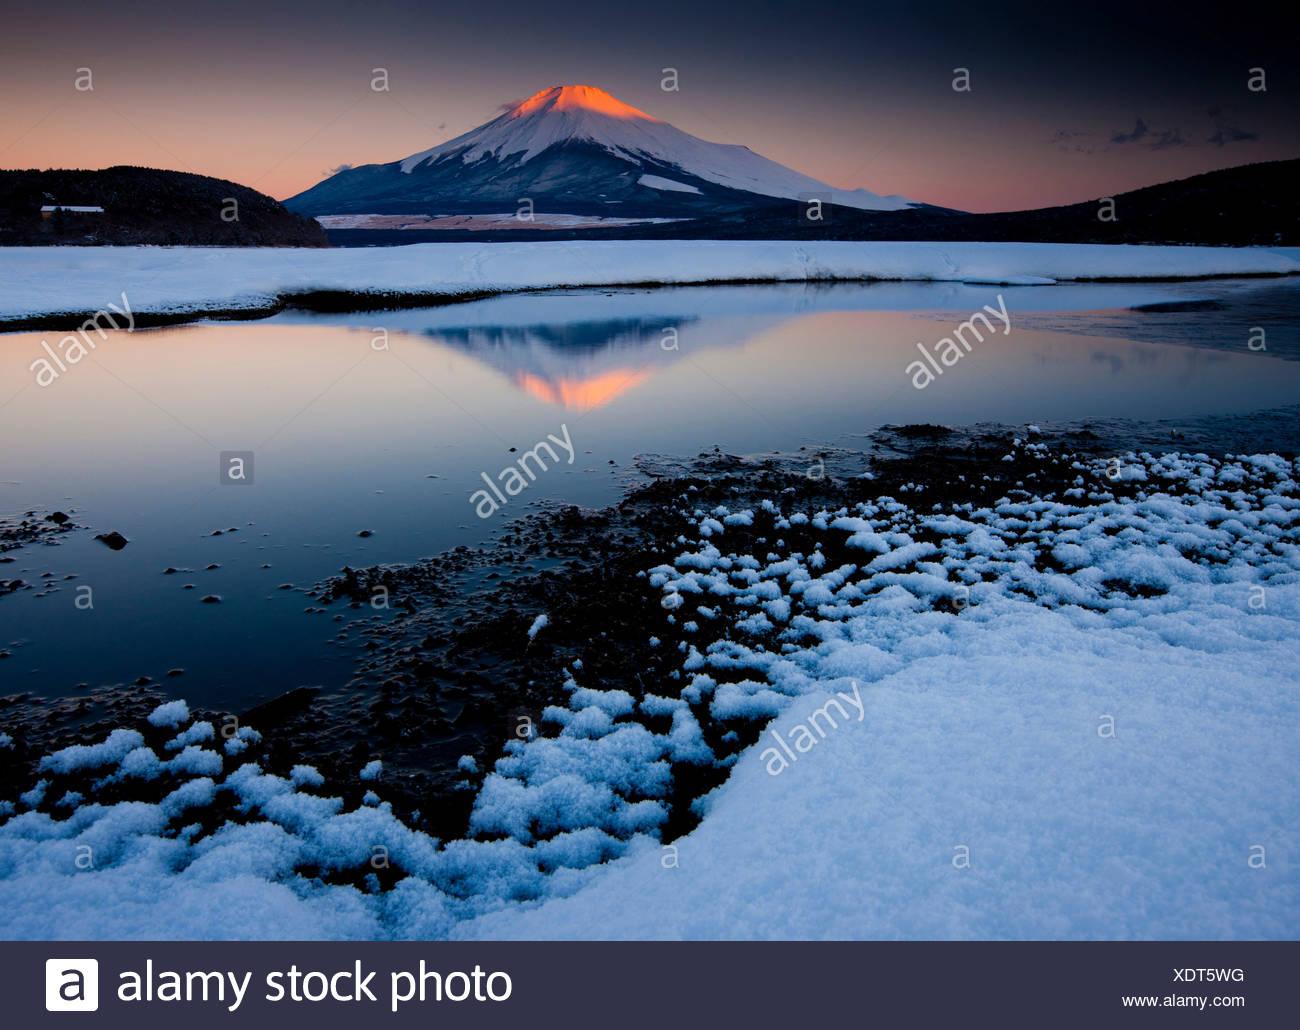 Mt. Fuji, Japan - Stock Image